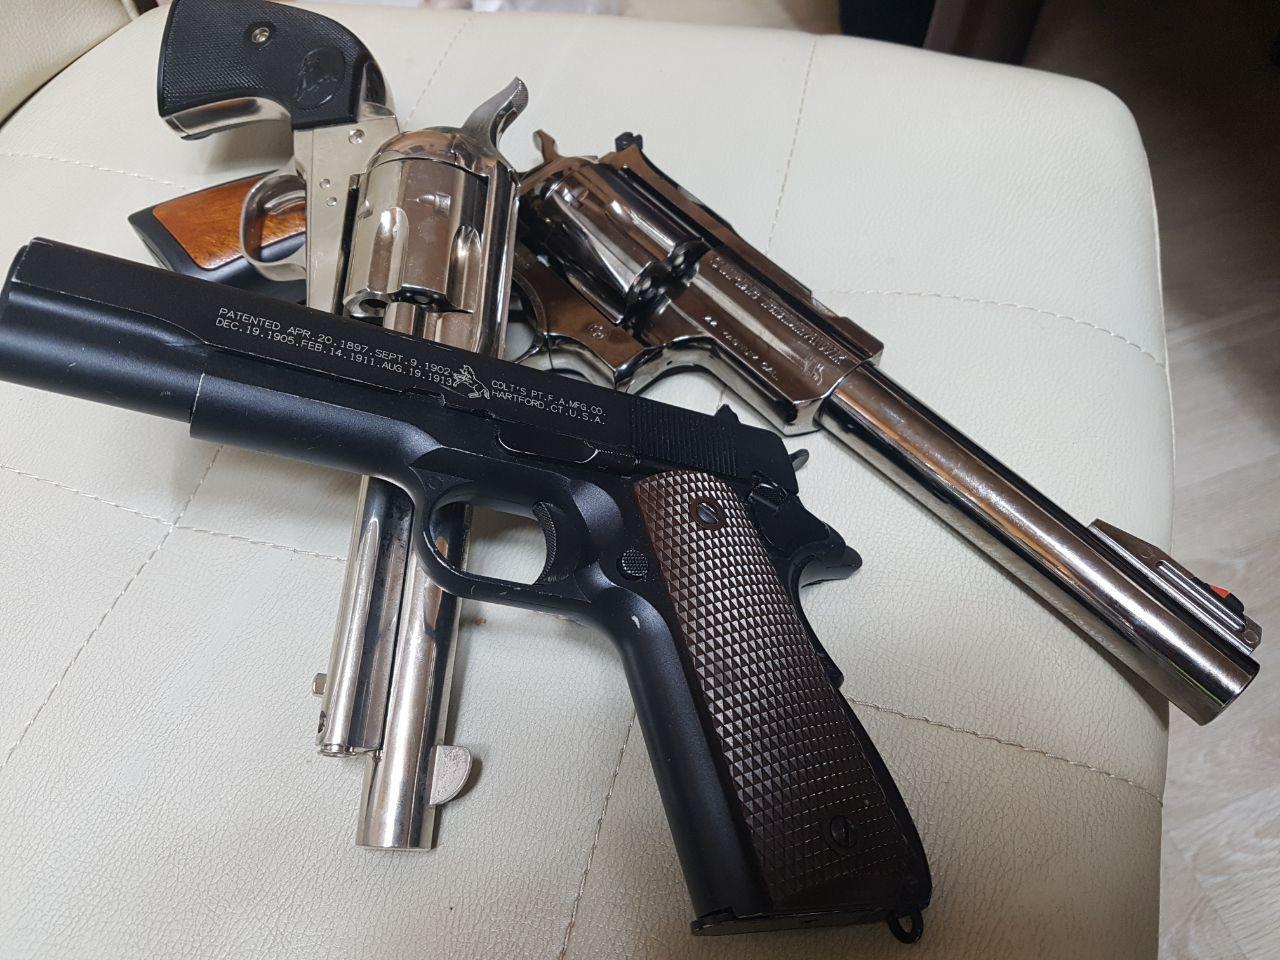 양진호 한국미래기술 회장과 함께 일했던 전 직원 A씨가 공개한 양 회장이 직원들에게 쏜 가스식 BB탄 권총들. [뉴시스]